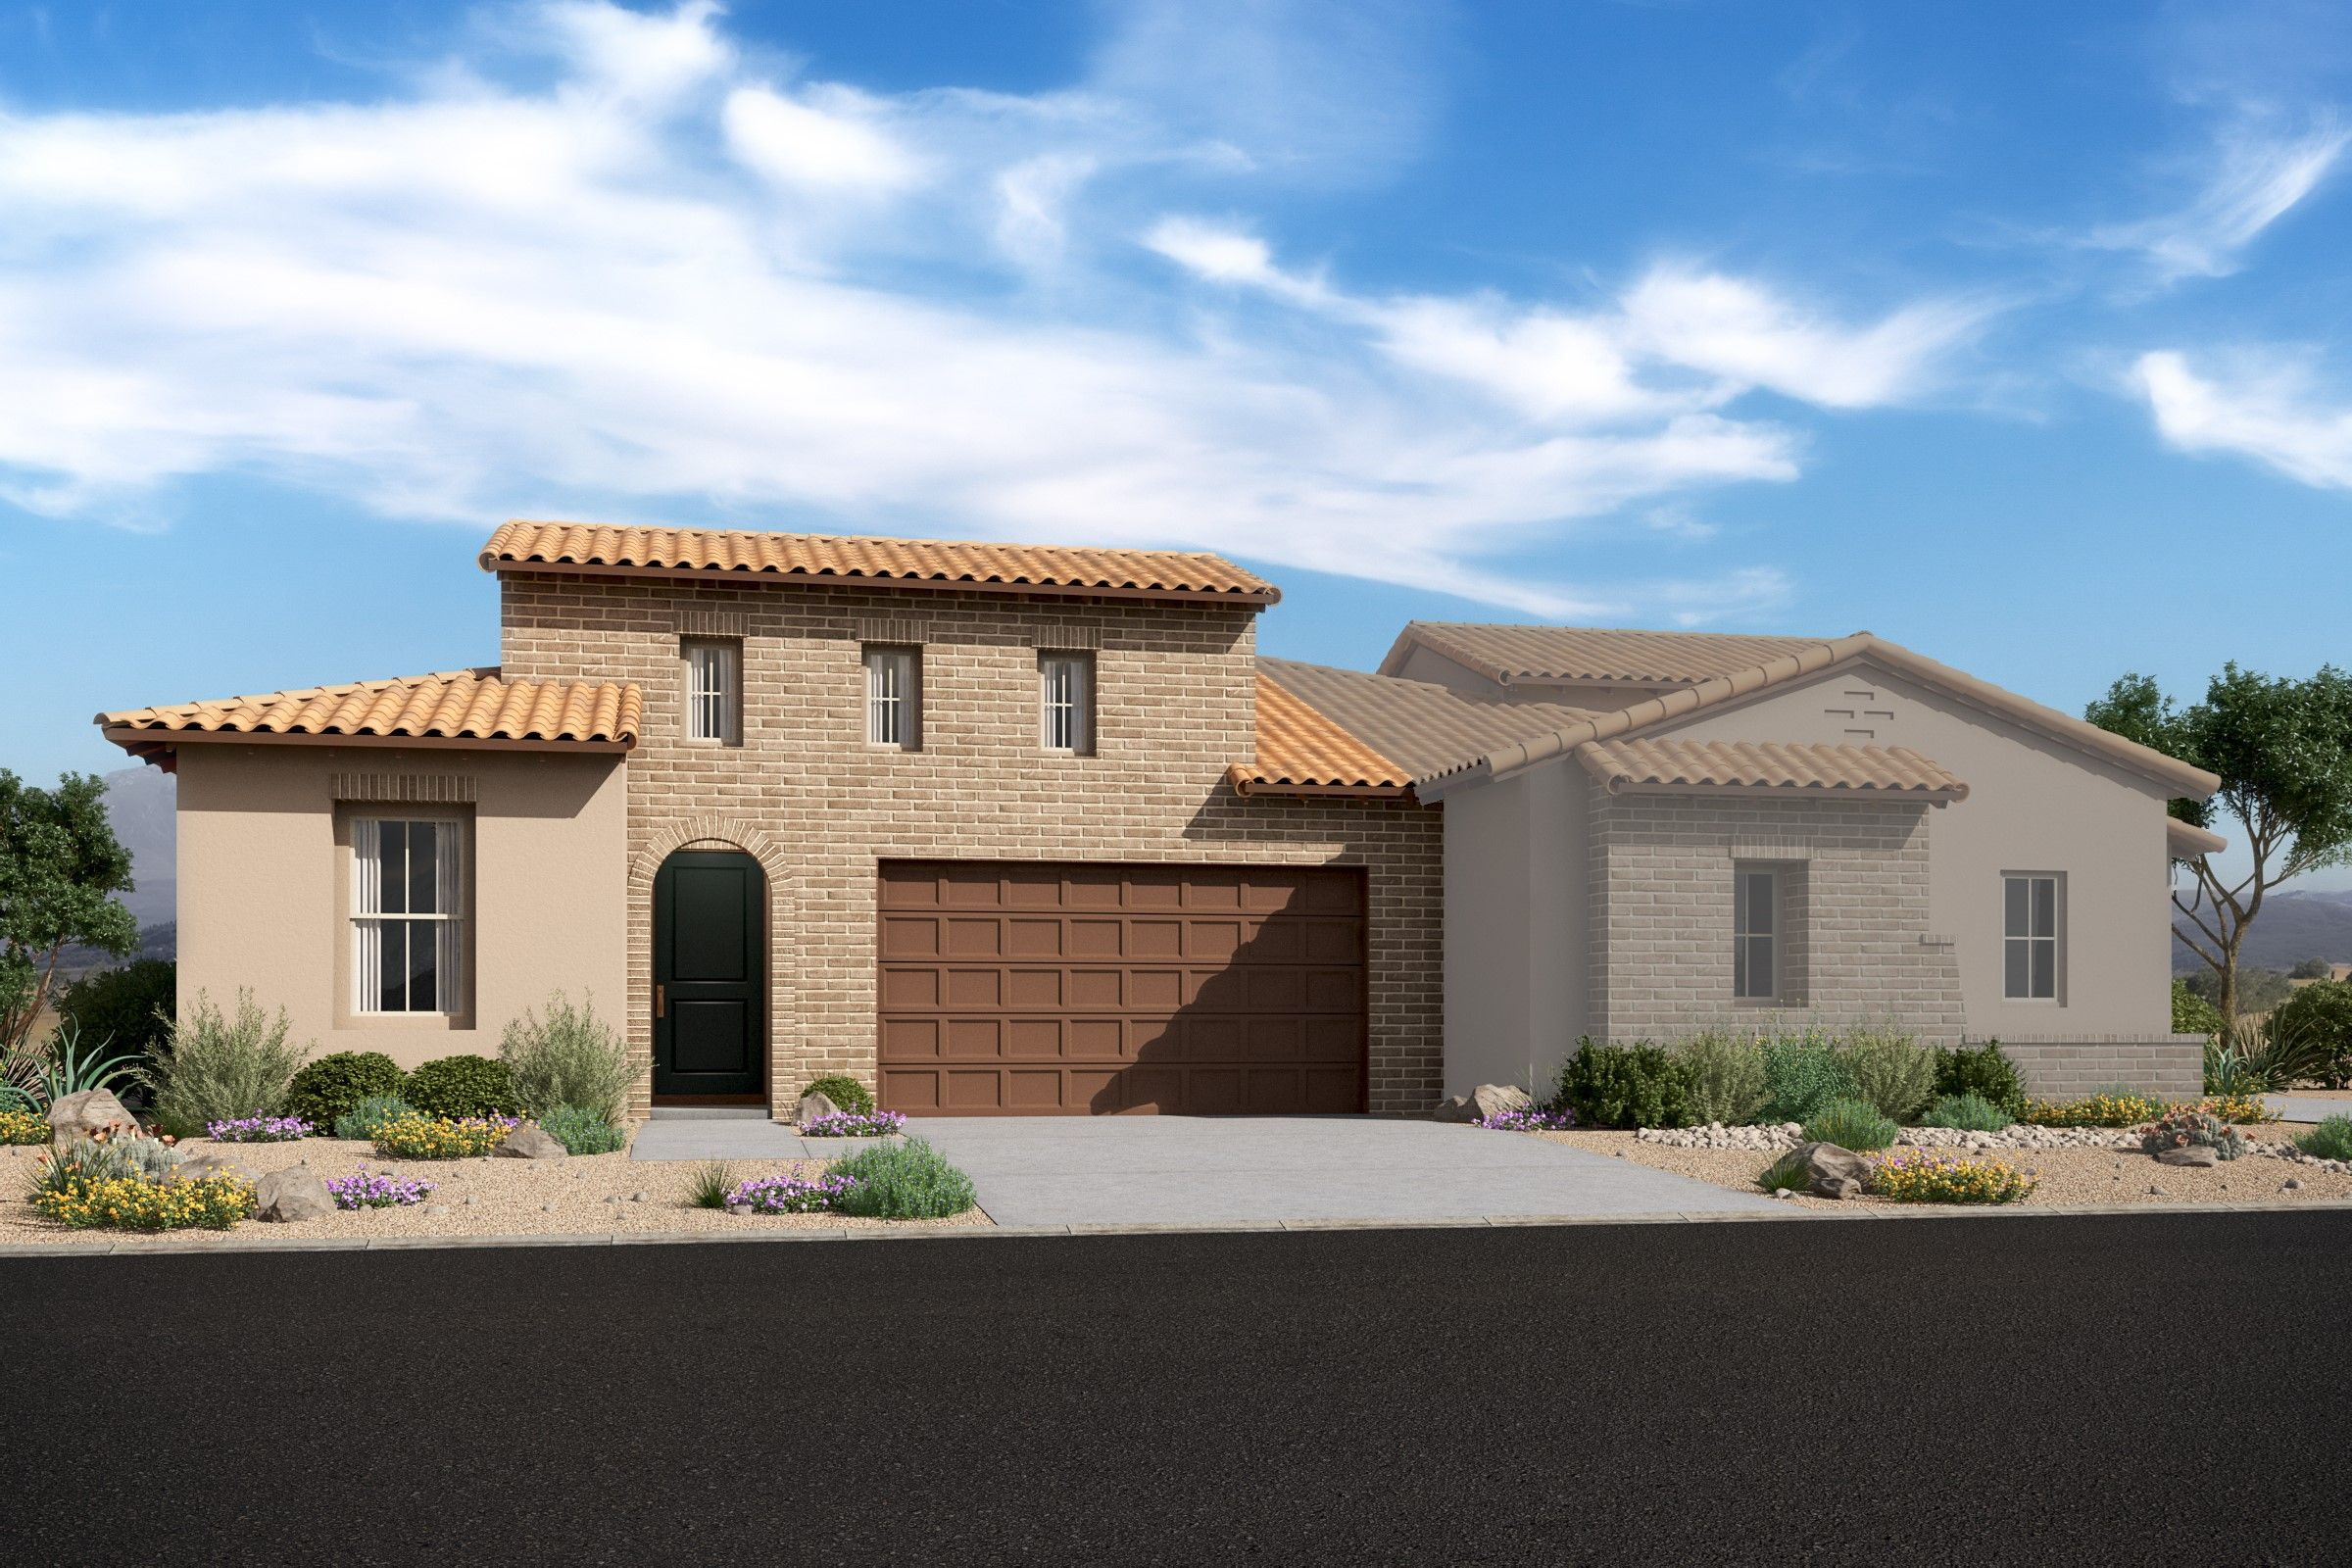 多户 为 销售 在 Summit At Pinnacle Peak Patio - Capstone 10424 East Jomax Road Scottsdale, Arizona 85262 United States